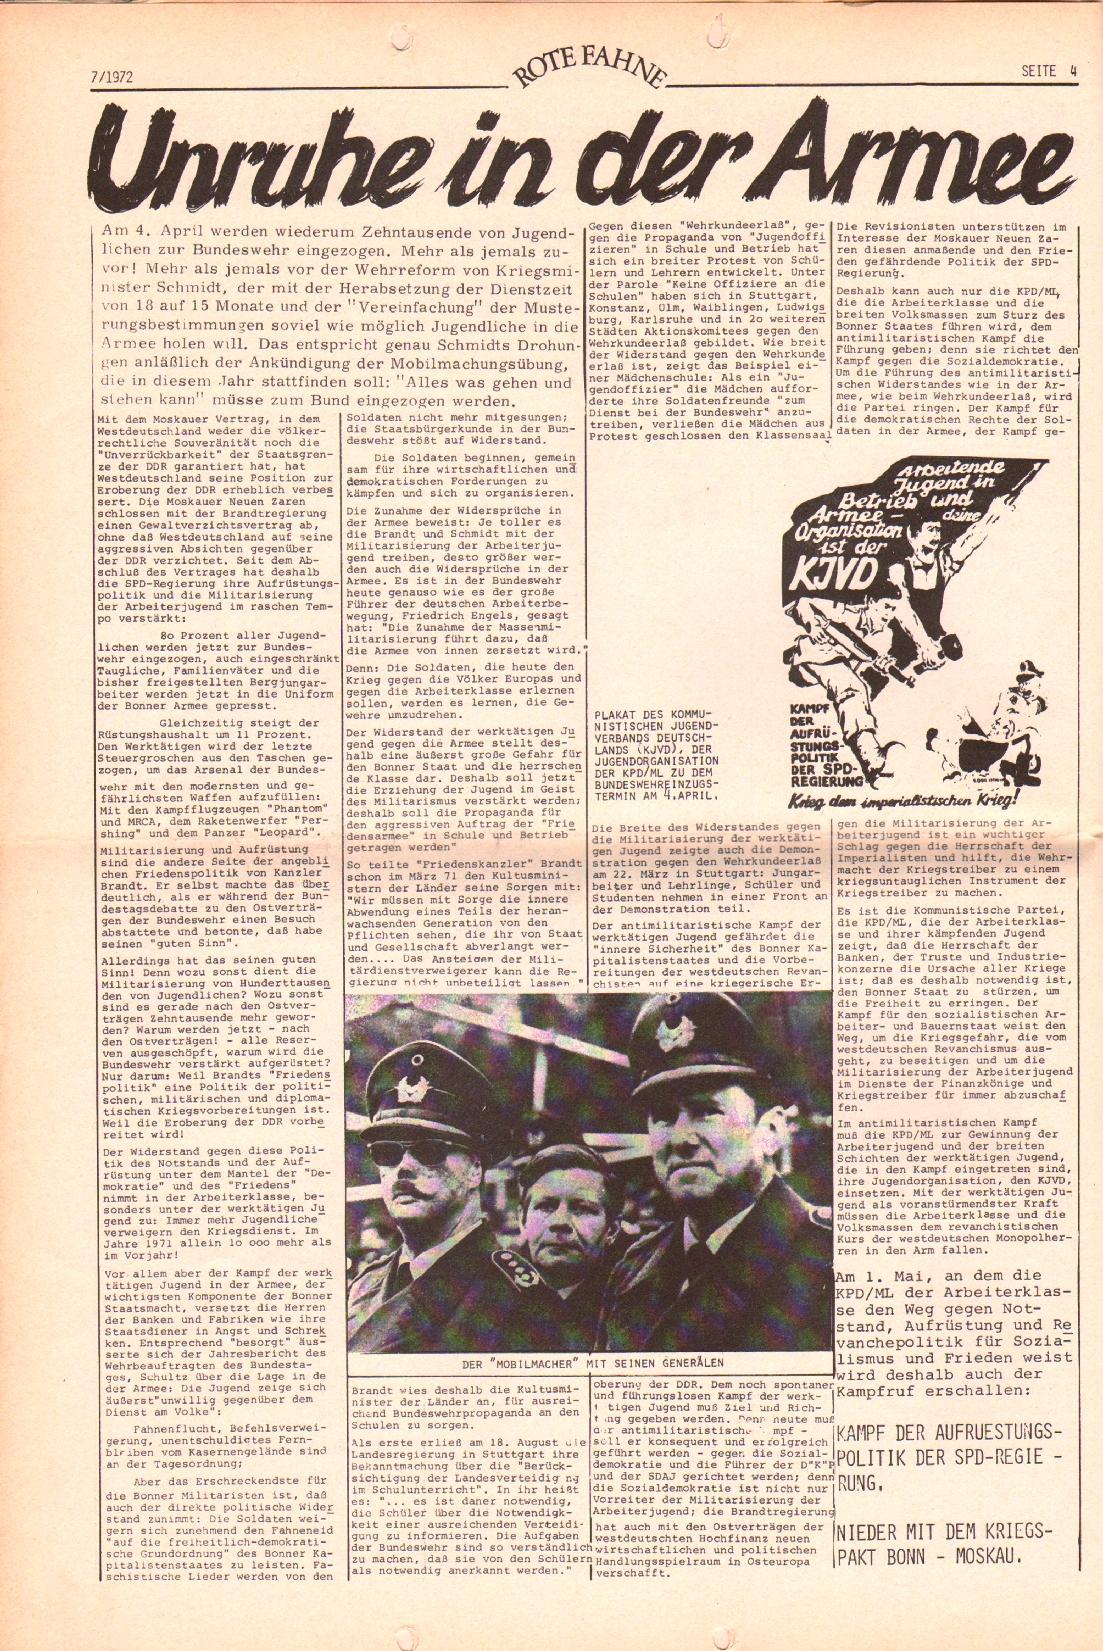 Rote Fahne, 3. Jg., 3.4.1972, Nr. 7, Seite 4